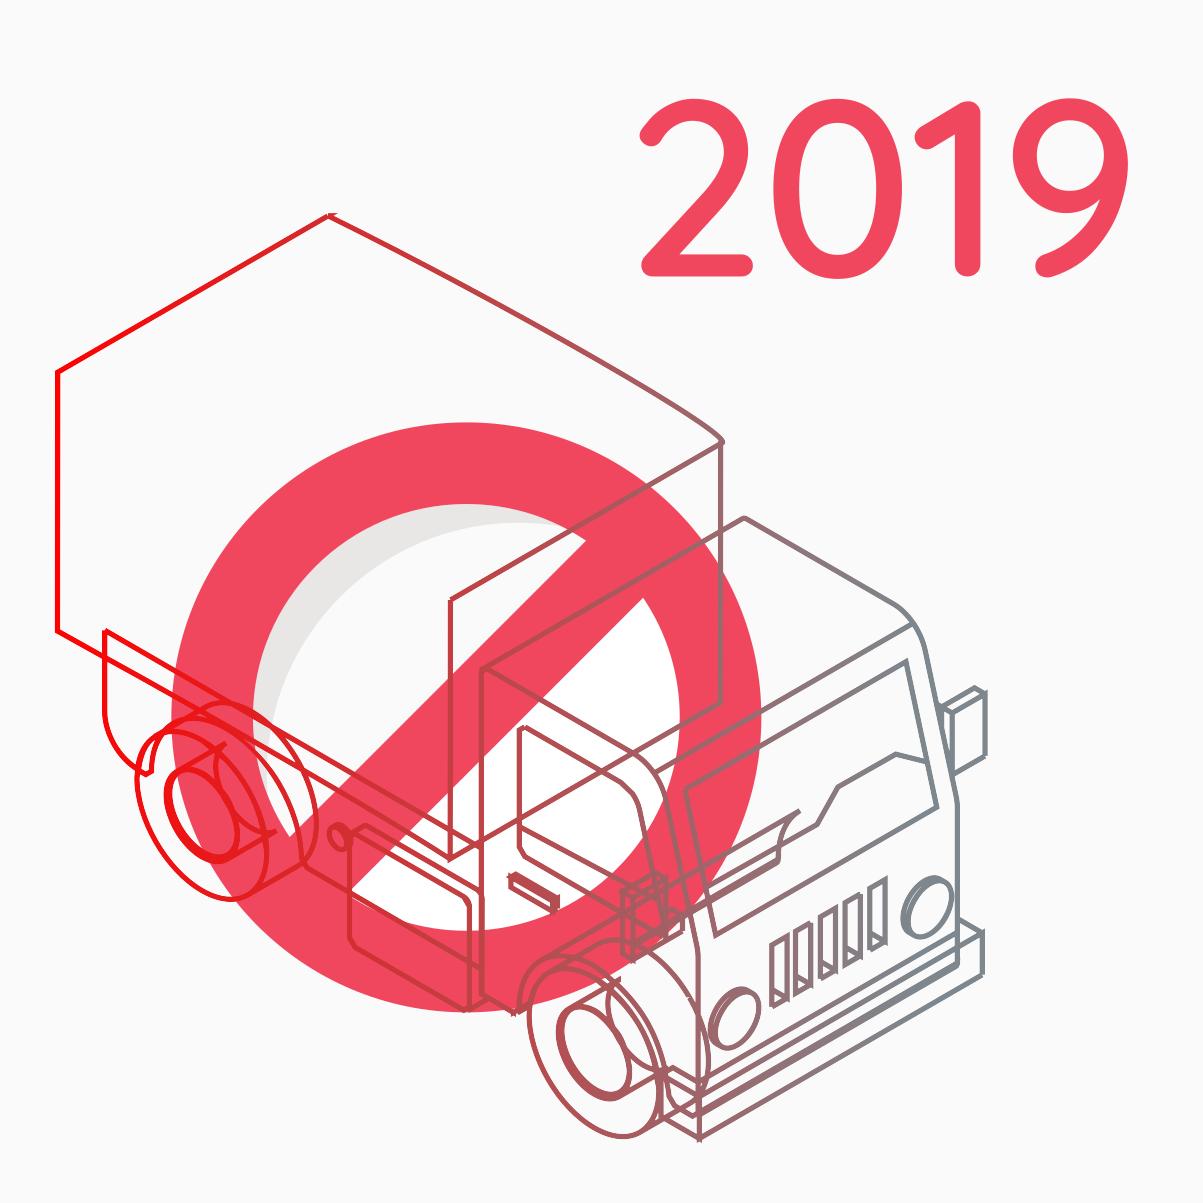 Calendario Divieto Circolazione Mezzi Pesanti.Calendario 2019 Divieti Di Circolazione Per Mezzi Pesanti